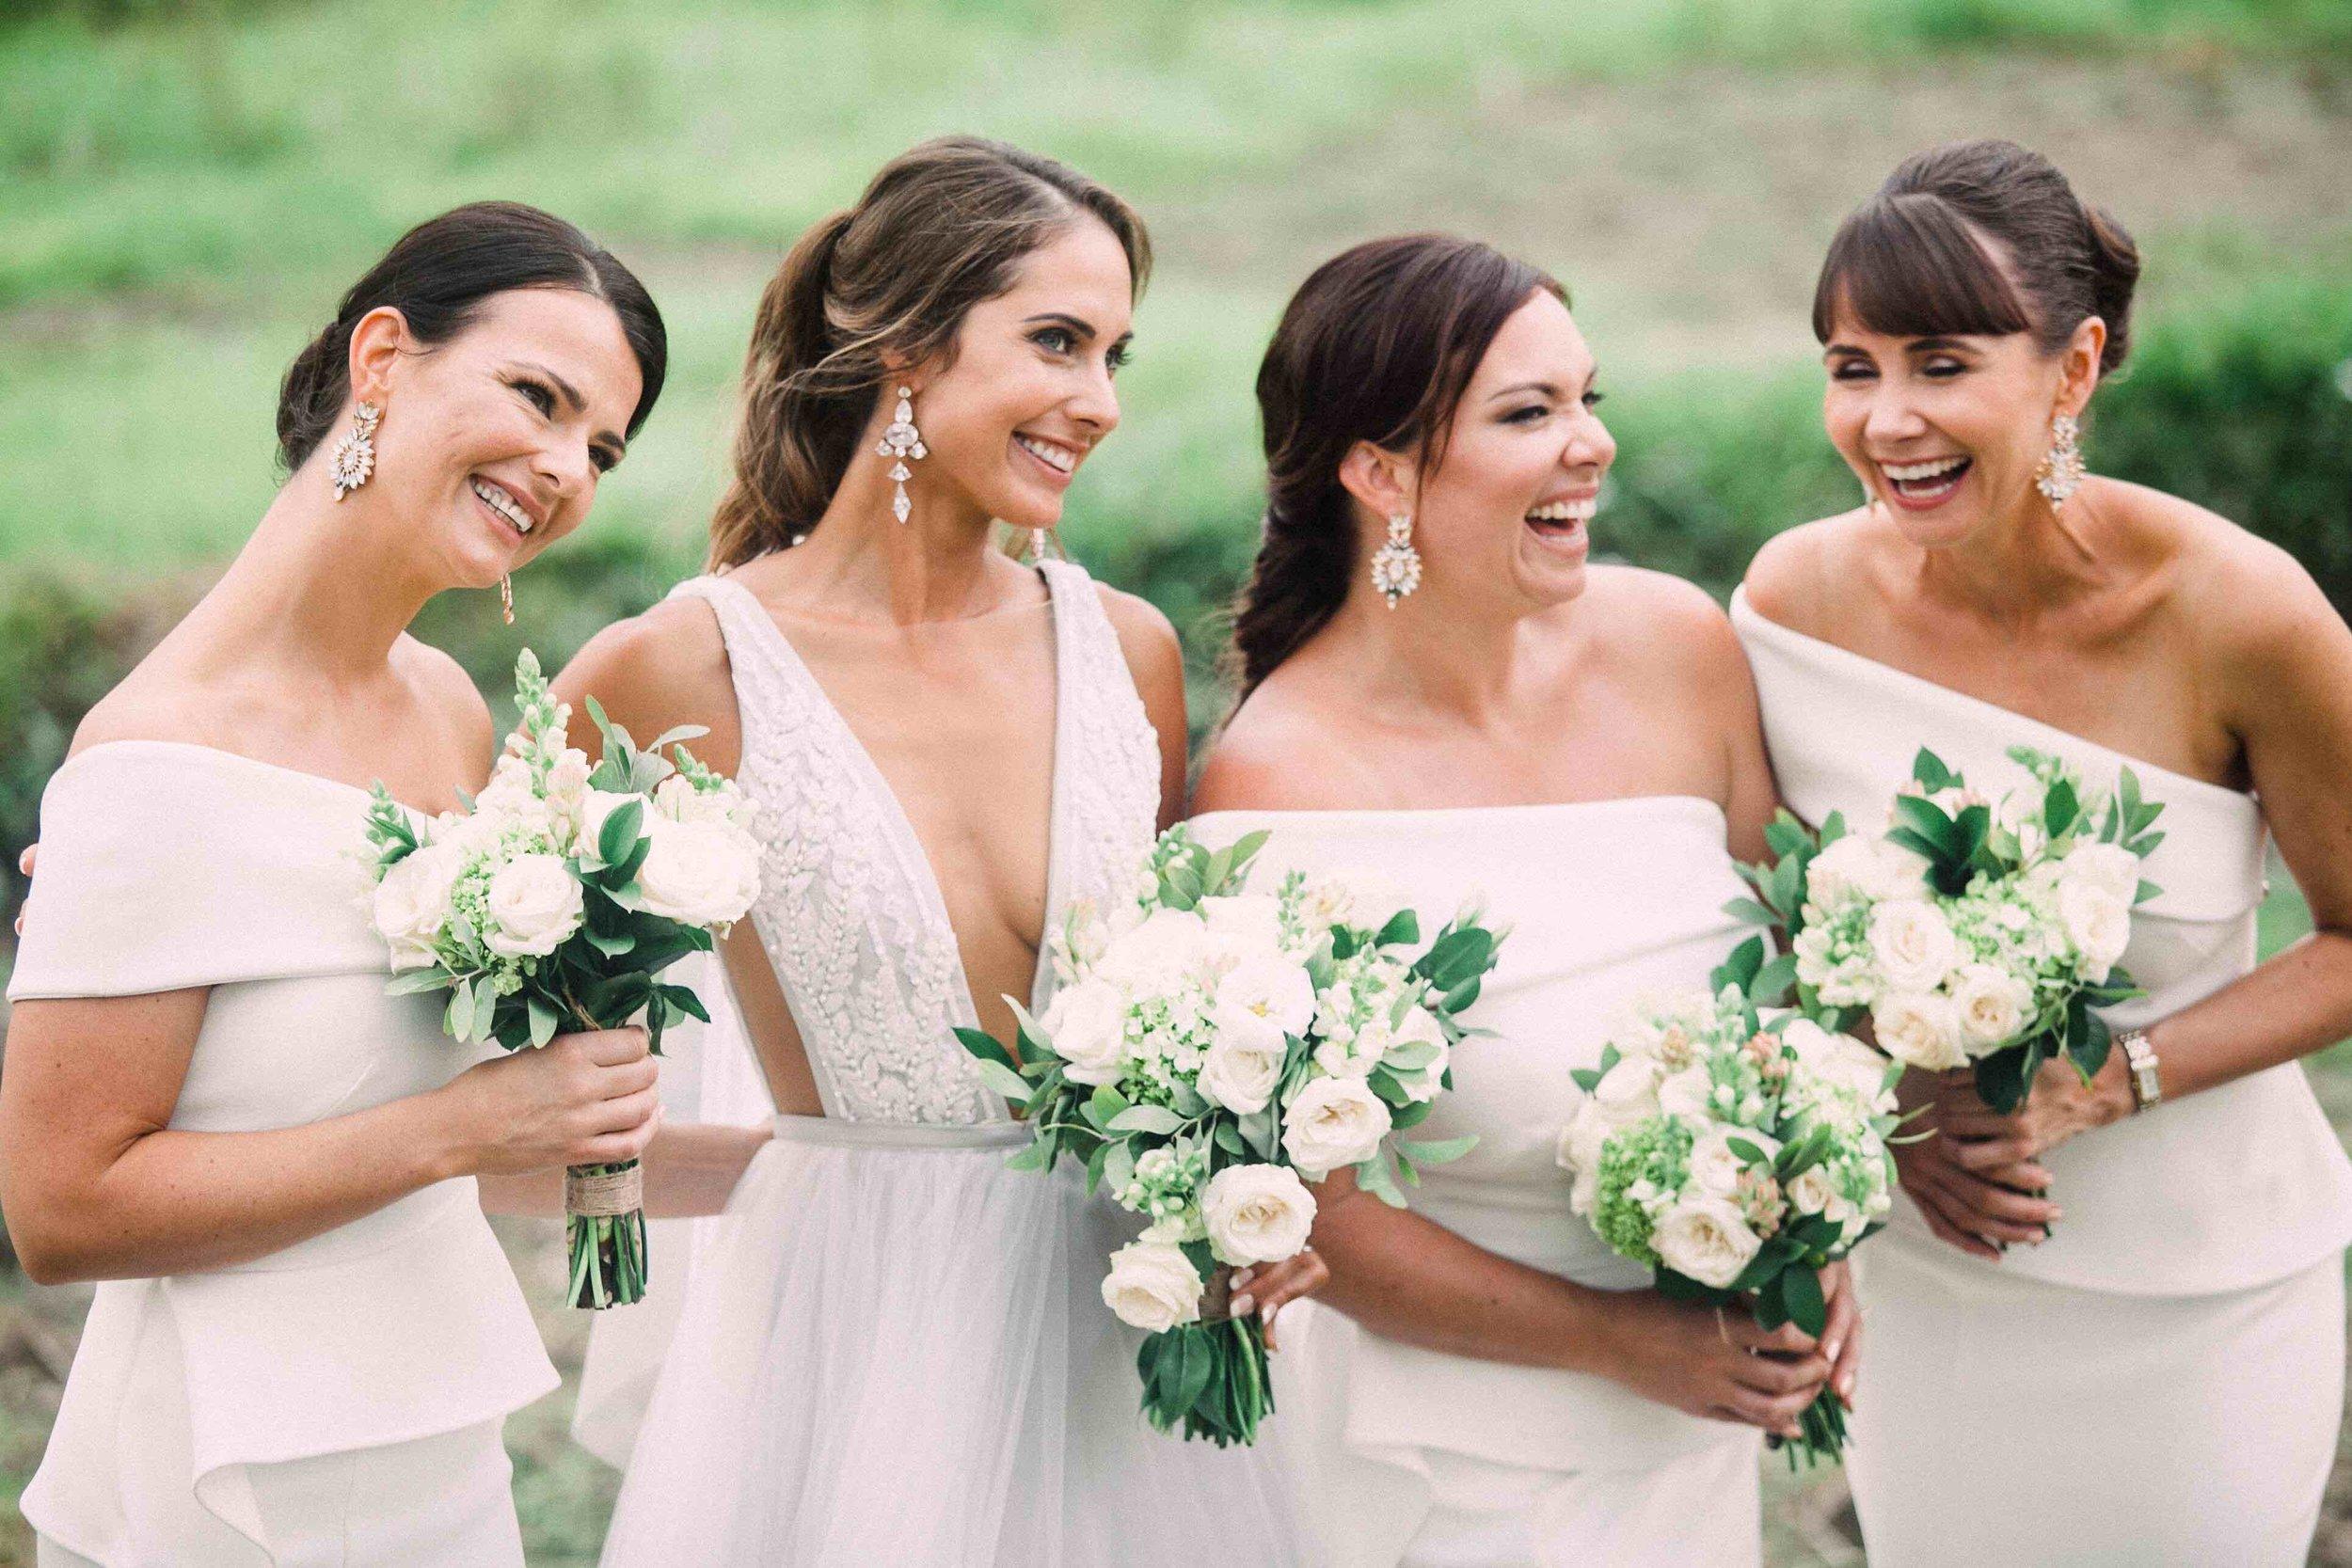 BRIDE AND BRIDESMAID.jpg